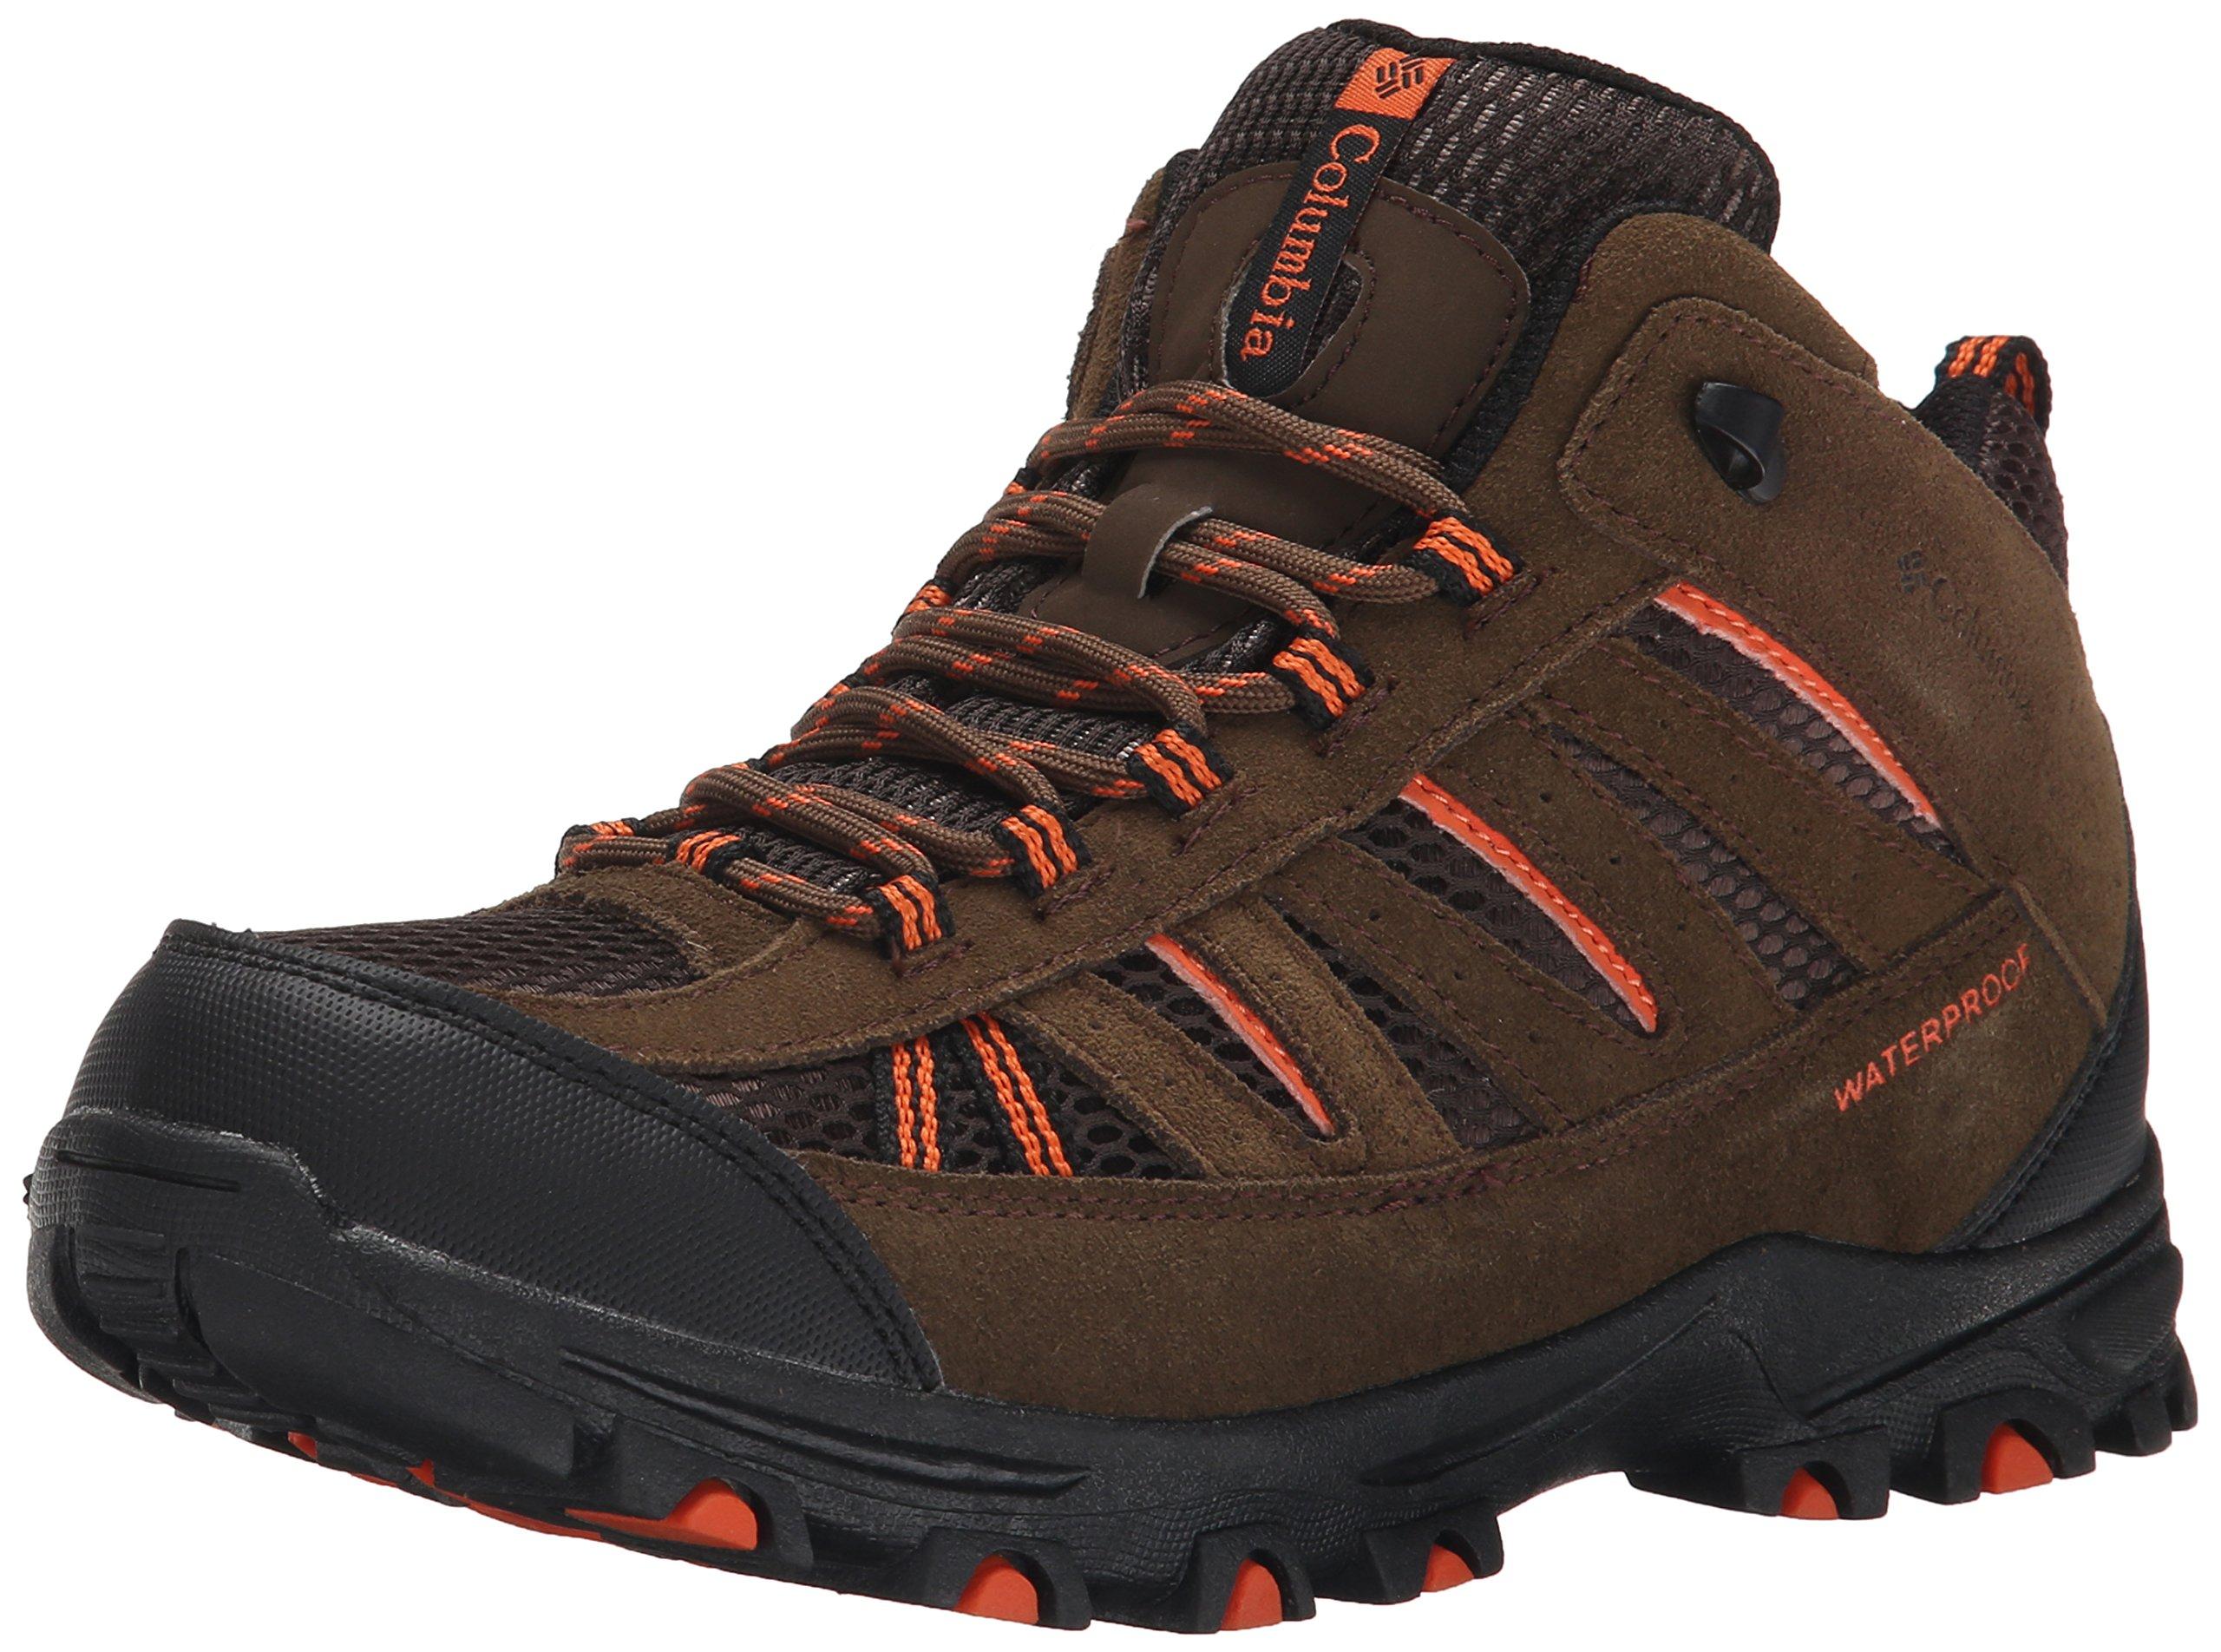 Columbia Youth Pisgah Peak Mid WP Trail Shoe (Little Kid/Big Kid), Mud, 1 M US Little Kid